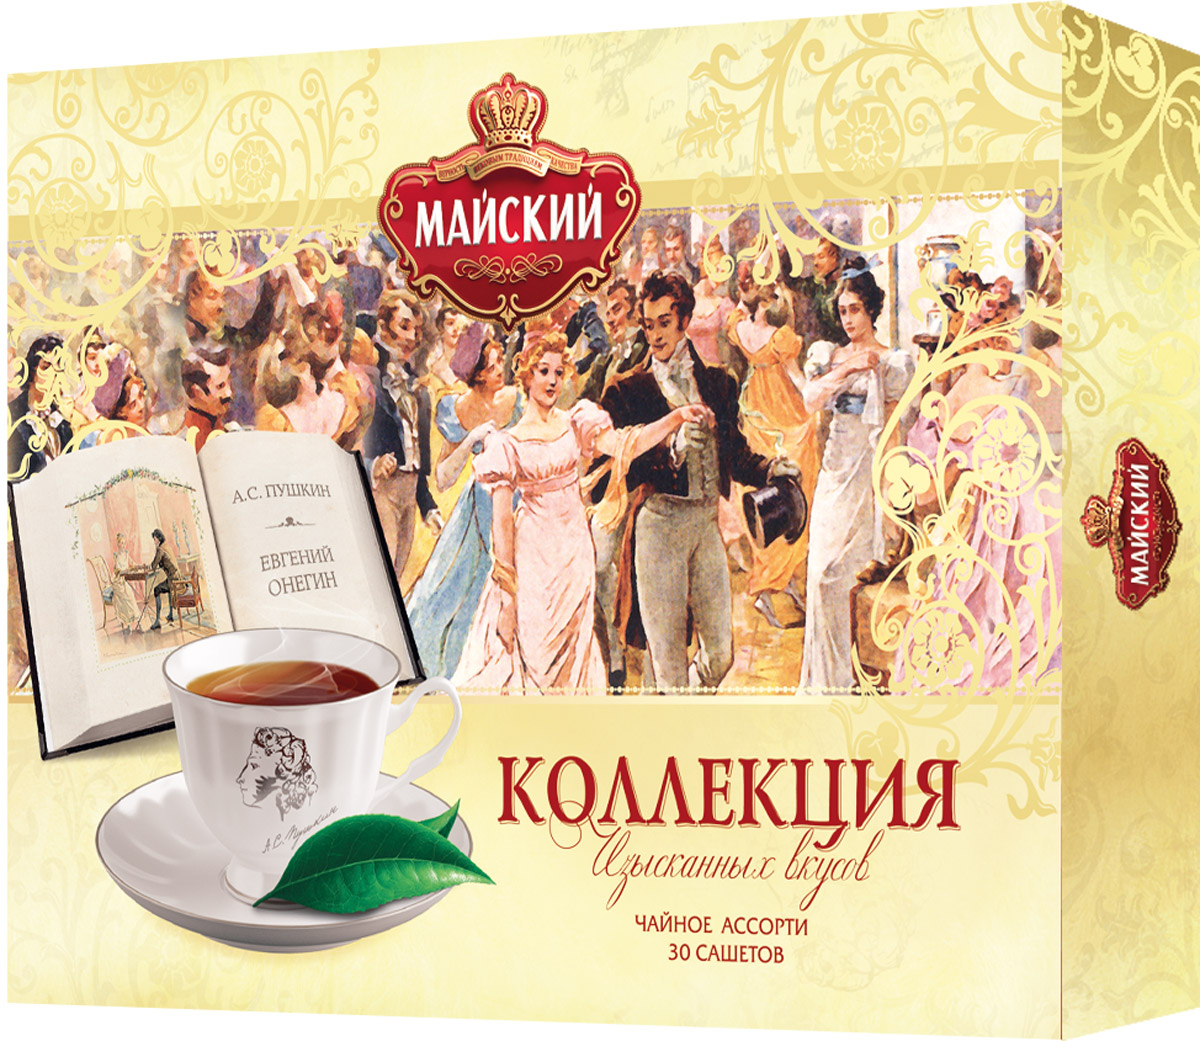 Майский Коллекция Изысканных вкусов Чайное ассорти черный чай в пакетиках, 30 шт1652Черный чай в пакетиках Коллекция Изысканных вкусов - уникальная коллекция вкусов чая Майский в изысканном подарочном формате упаковки.В набор входят: Благородный Цейлон: совершенство классики. Исключительный обволакивающий нежный вкус Высокогорного Цейлонского чая с выраженным цветочным ароматом.Ароматный бергамот: безупречное сочетание насыщенного черного чая и свежих цитрусовых ноток.Душистый чабрец: абсолютная гармония черного чая и летнего пряного аромата чабреца.Смородина с мятой: волнующее сочетание вкуса черного чая, сочной спелой смородины и натуральной мяты.Пряный Восток: насыщенный вкус черного чая с пряными нотками кардамона и согревающим ароматом корицы.Уважаемые клиенты! Обращаем ваше внимание на то, что упаковка может иметь несколько видов дизайна. Поставка осуществляется в зависимости от наличия на складе.